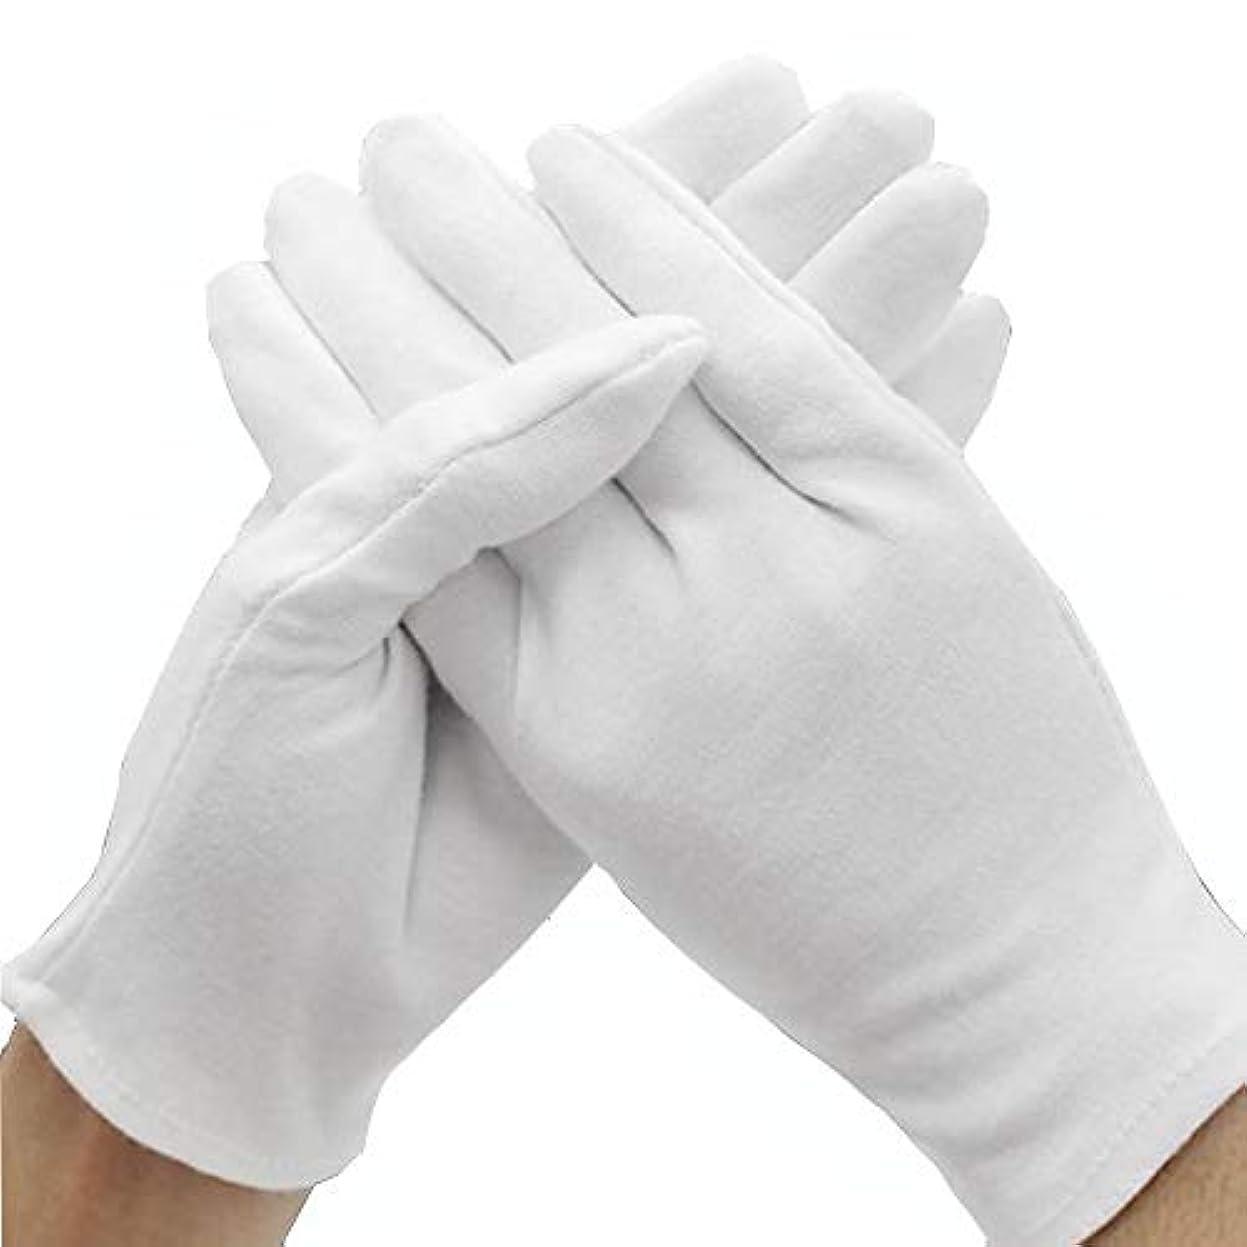 チャンピオンガジュマルさびたLezej インナーコットン手袋 白い手袋 綿手袋 衛生手袋 コットン手袋 ガーデニング用手袋 作業手袋 健康的な手袋 環境保護用手袋(12組) (M)